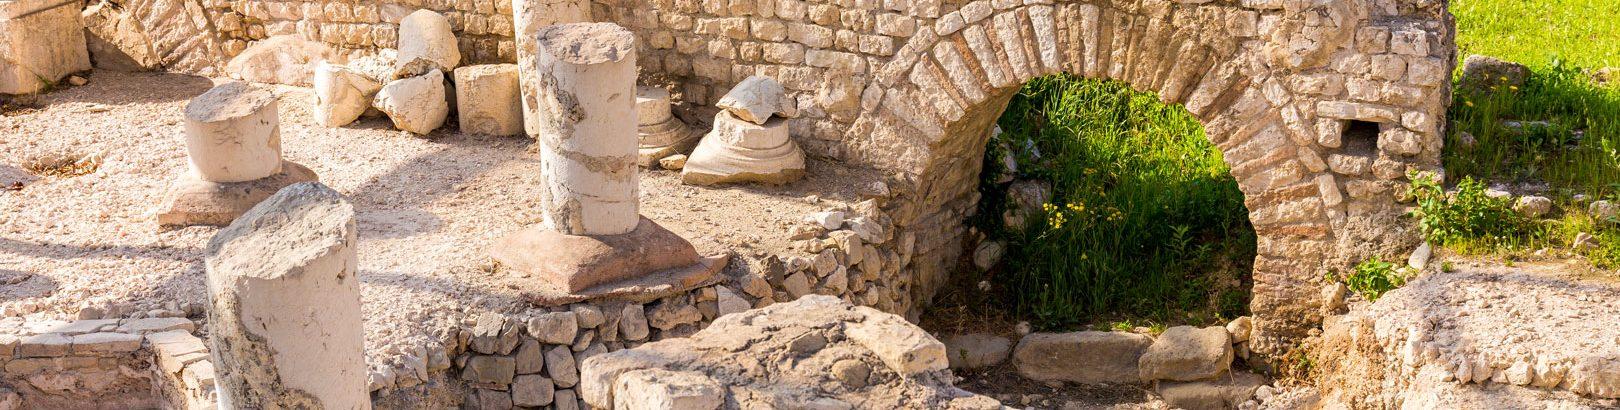 Photo des vestiges du Musée d'archeologie nice cimiez